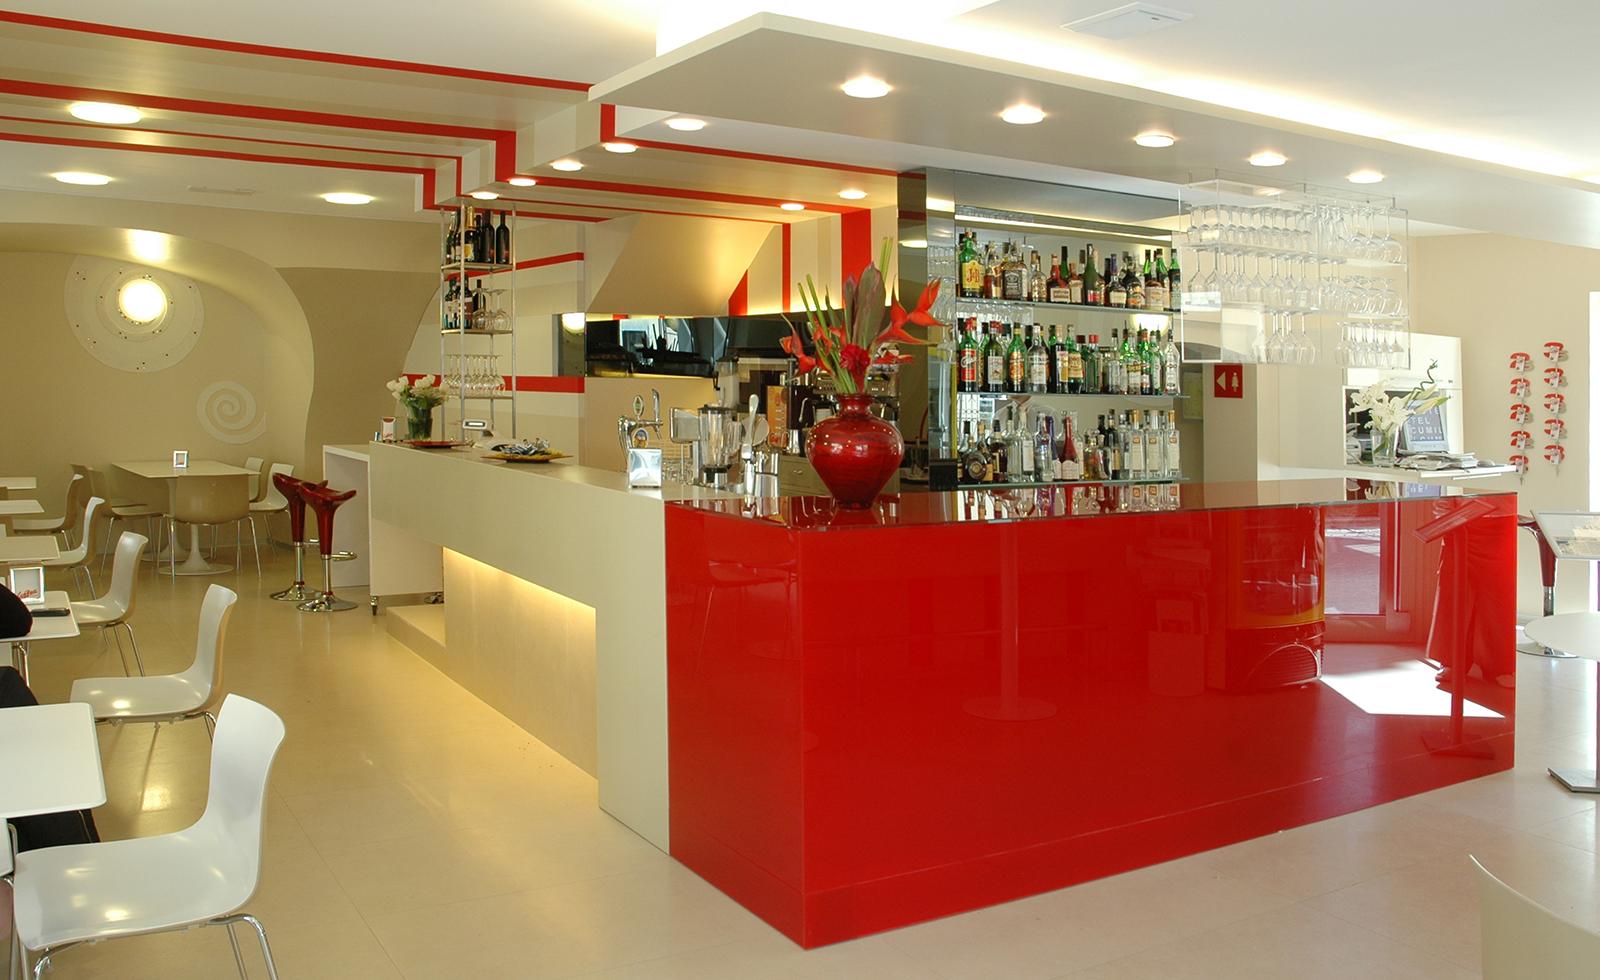 Studio-di-architettura-Baisotti-Sigala-prgetti31